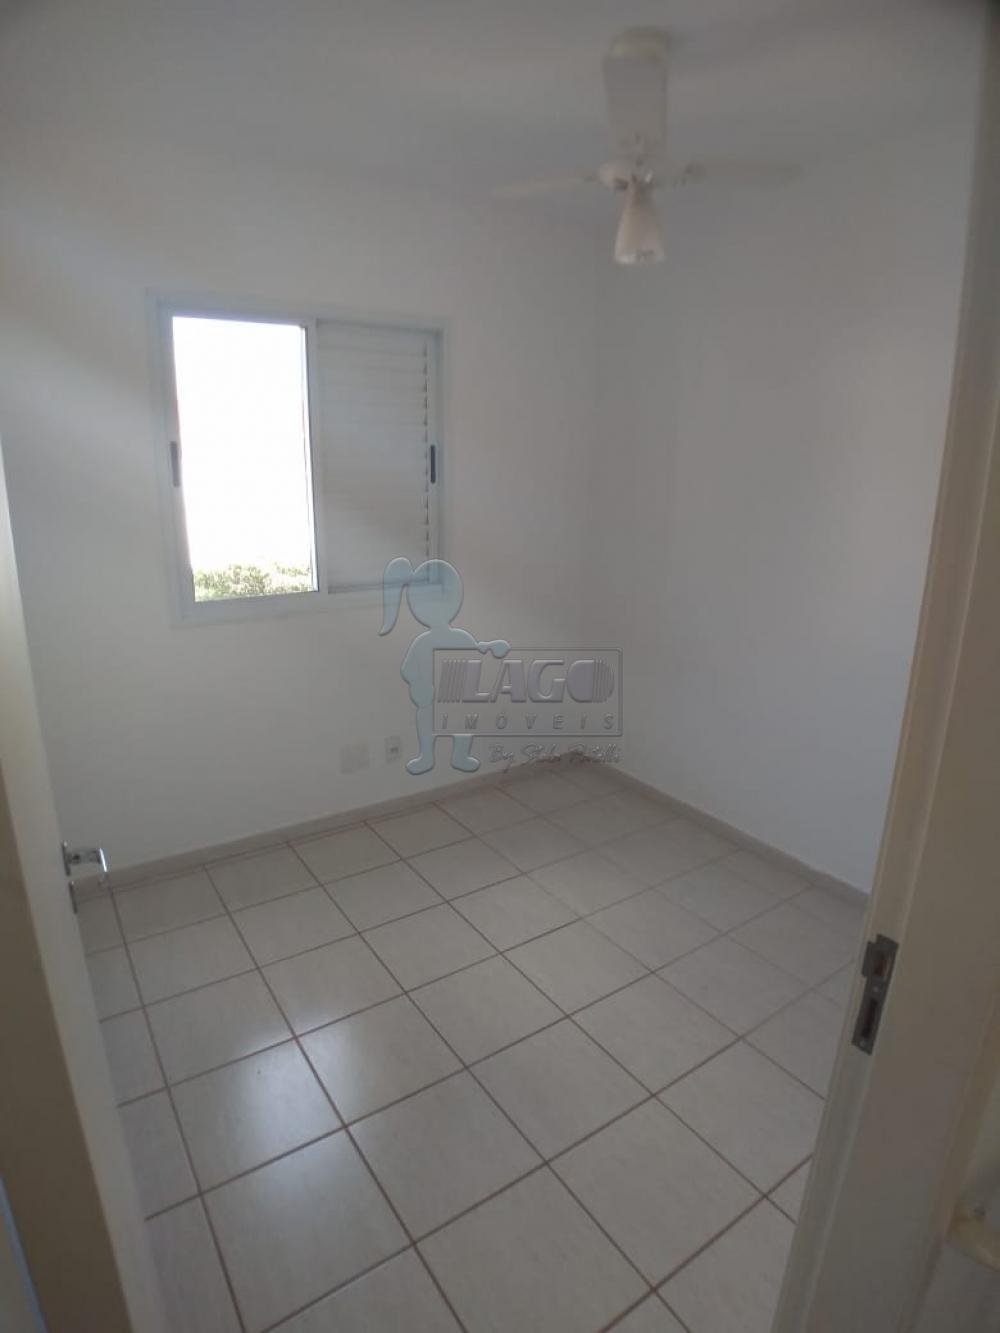 Alugar Casas / Condomínio em Ribeirão Preto apenas R$ 1.800,00 - Foto 8